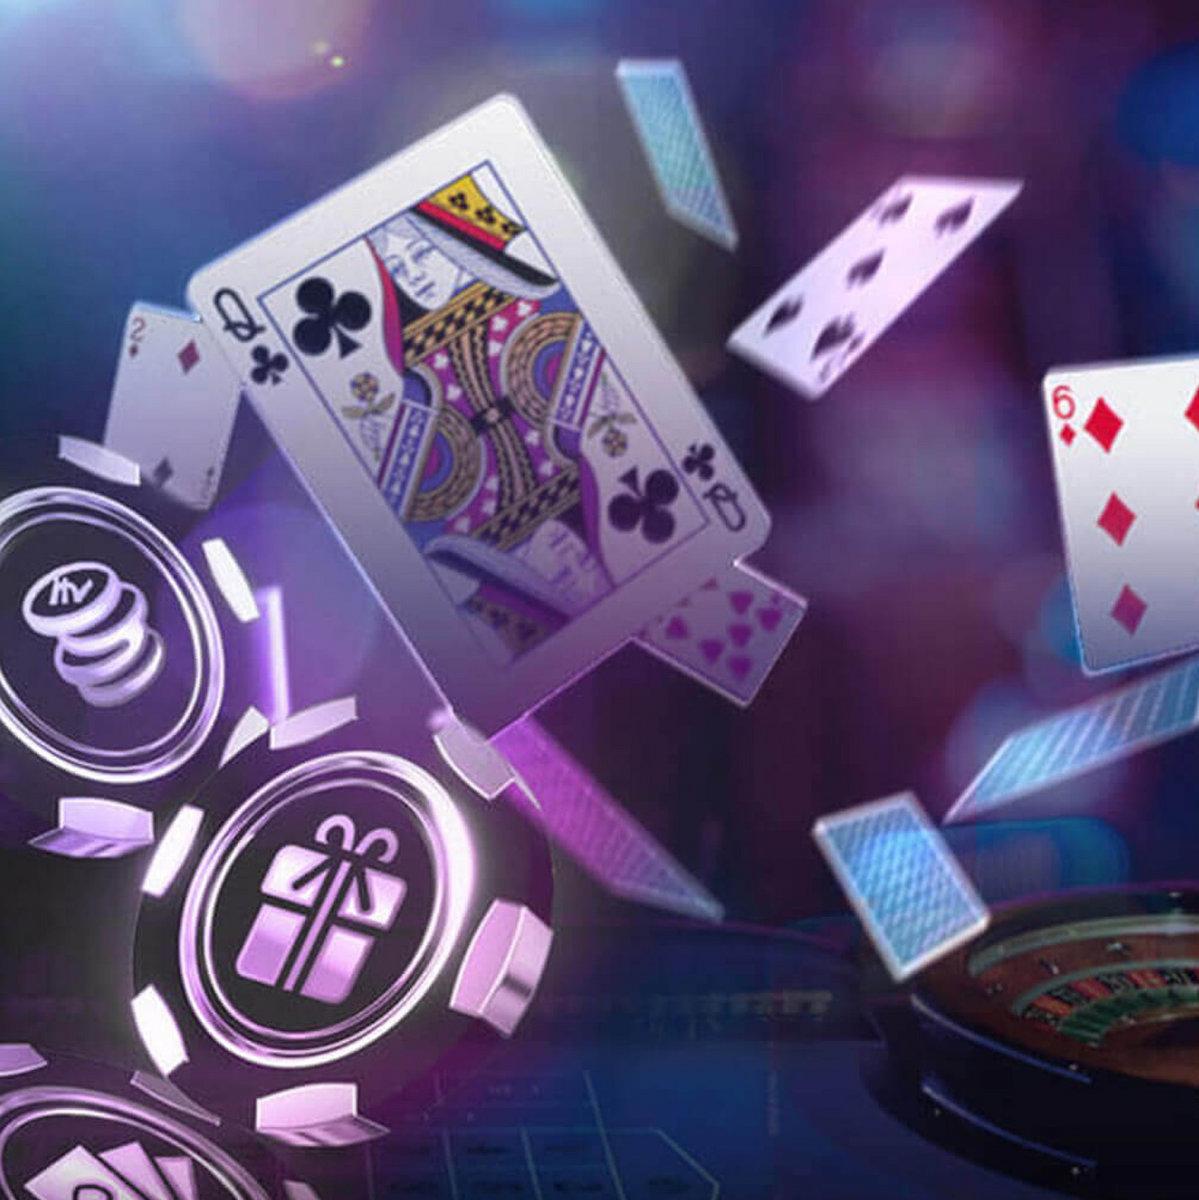 Online Casino Echtgeld Durch Casino Spiele Echtes Geld Gewinnen